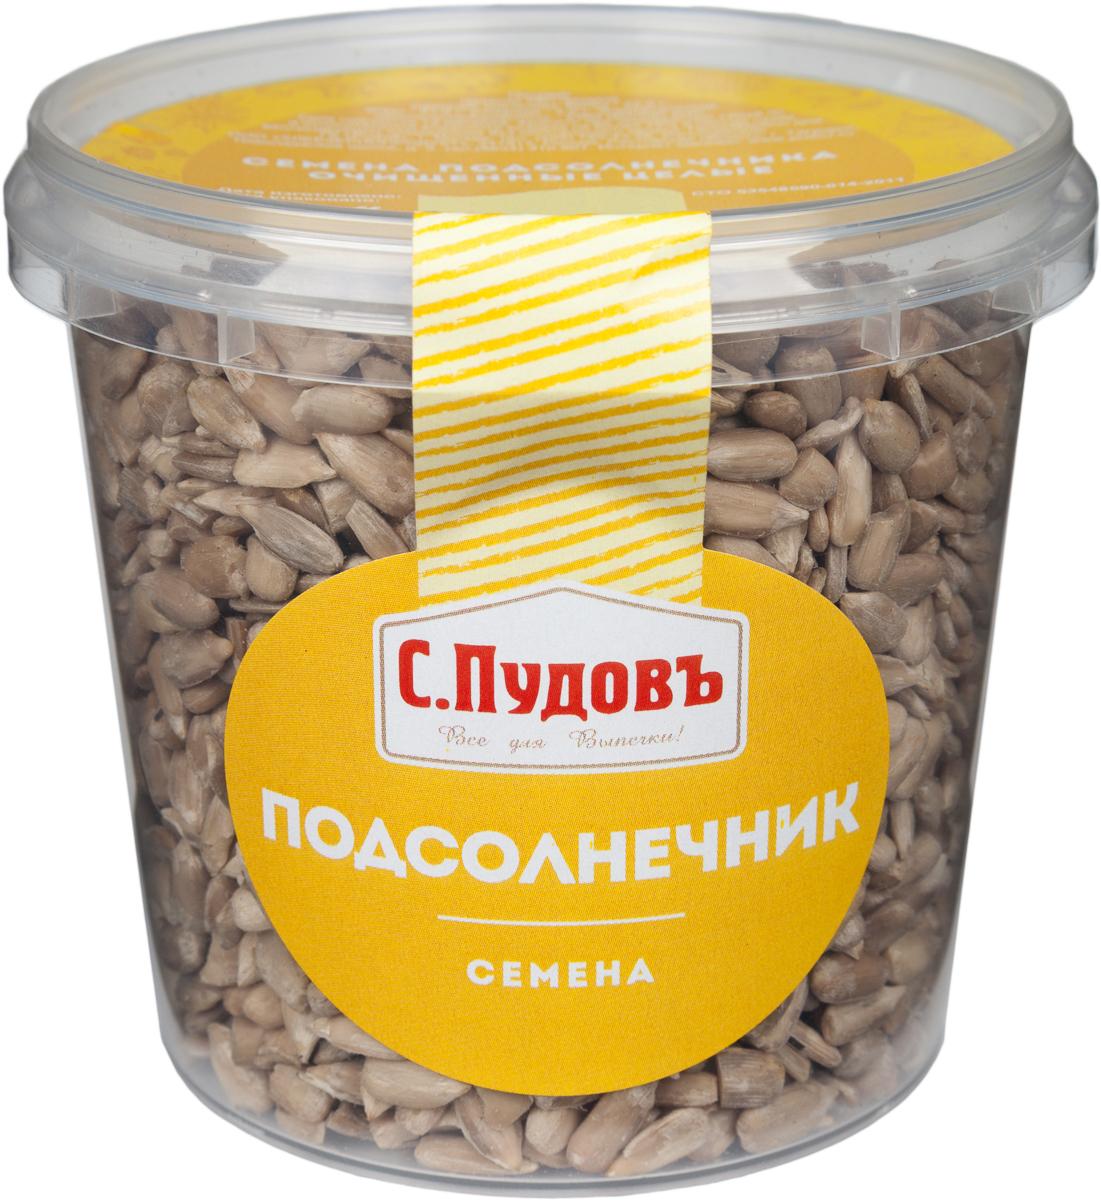 С. Пудовъ Пудовъ семена подсолнечника очищенные целые, 170 г 4607012297211